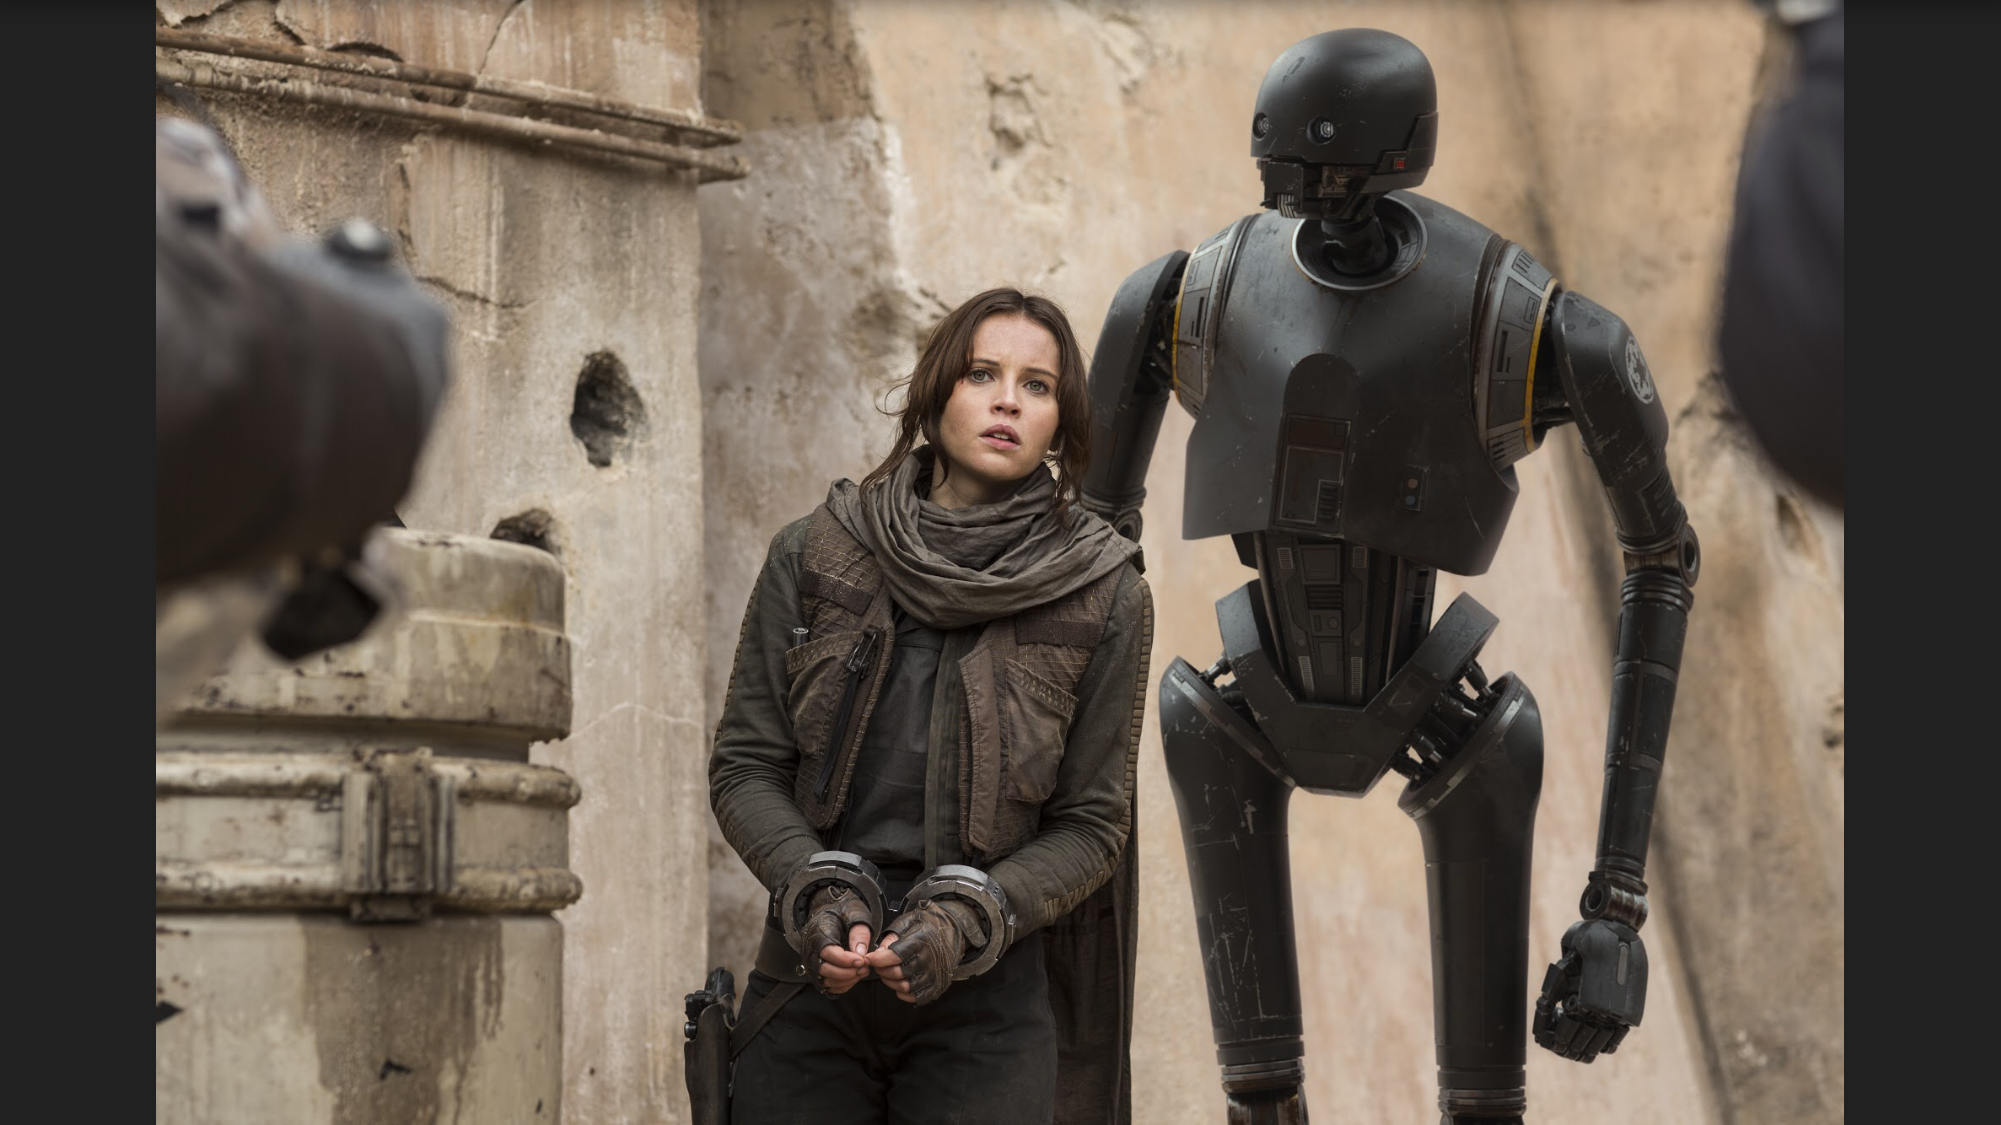 """""""แคธลีน เคนเนดี้ ประธาน ลูคัสฟิล์ม"""" และ ผู้อำนวยการสร้าง Star Wars จับมือ """"จอร์จ ลูคัส""""       สานต่อ มหากาพย์การผจญภัย ในศึกสงครามแห่งห้วงจักรวาล"""